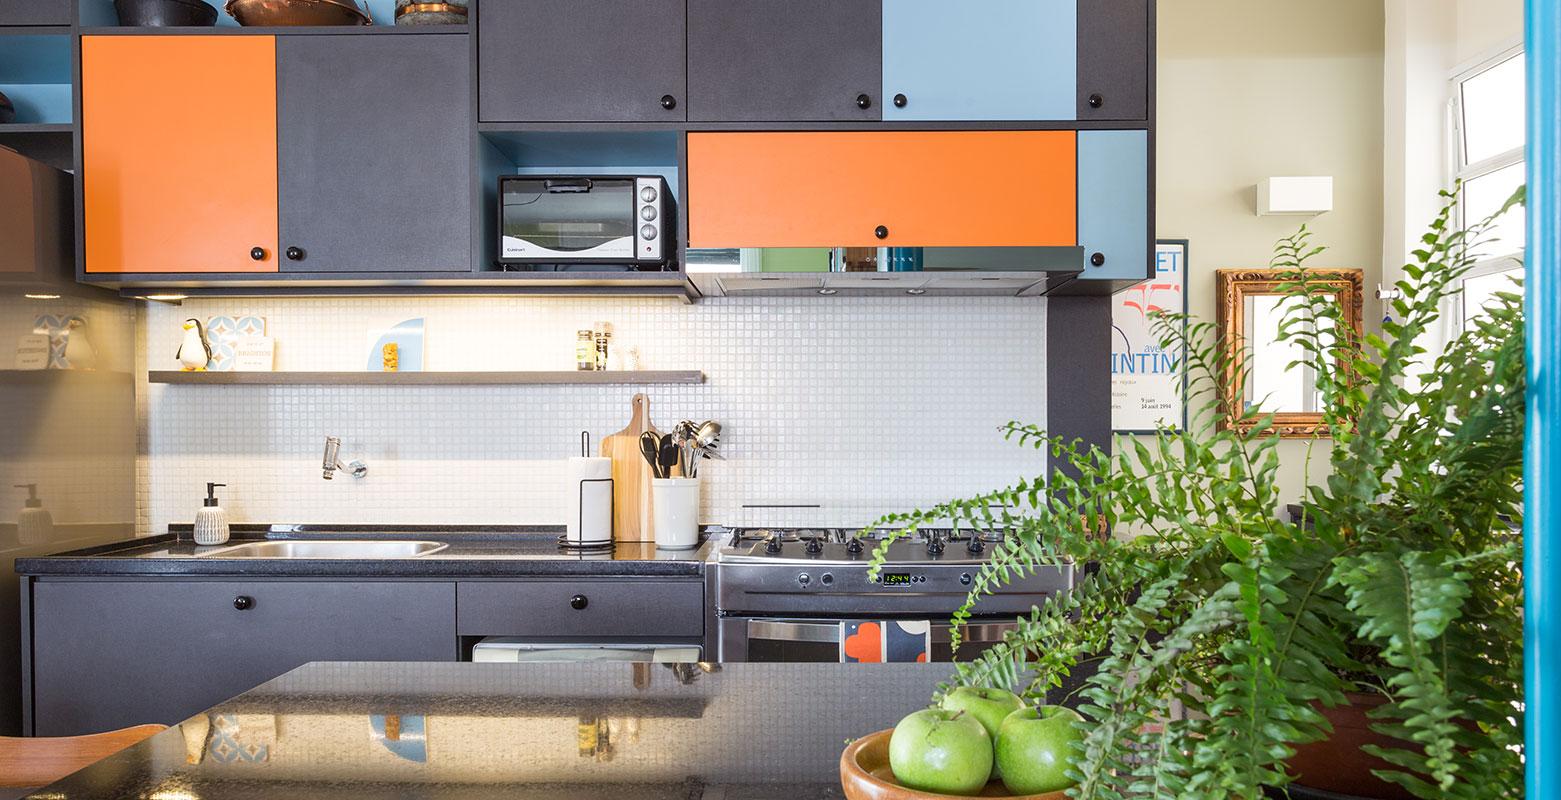 Apartamento dos anos 50 ganha cozinha azul e laranja